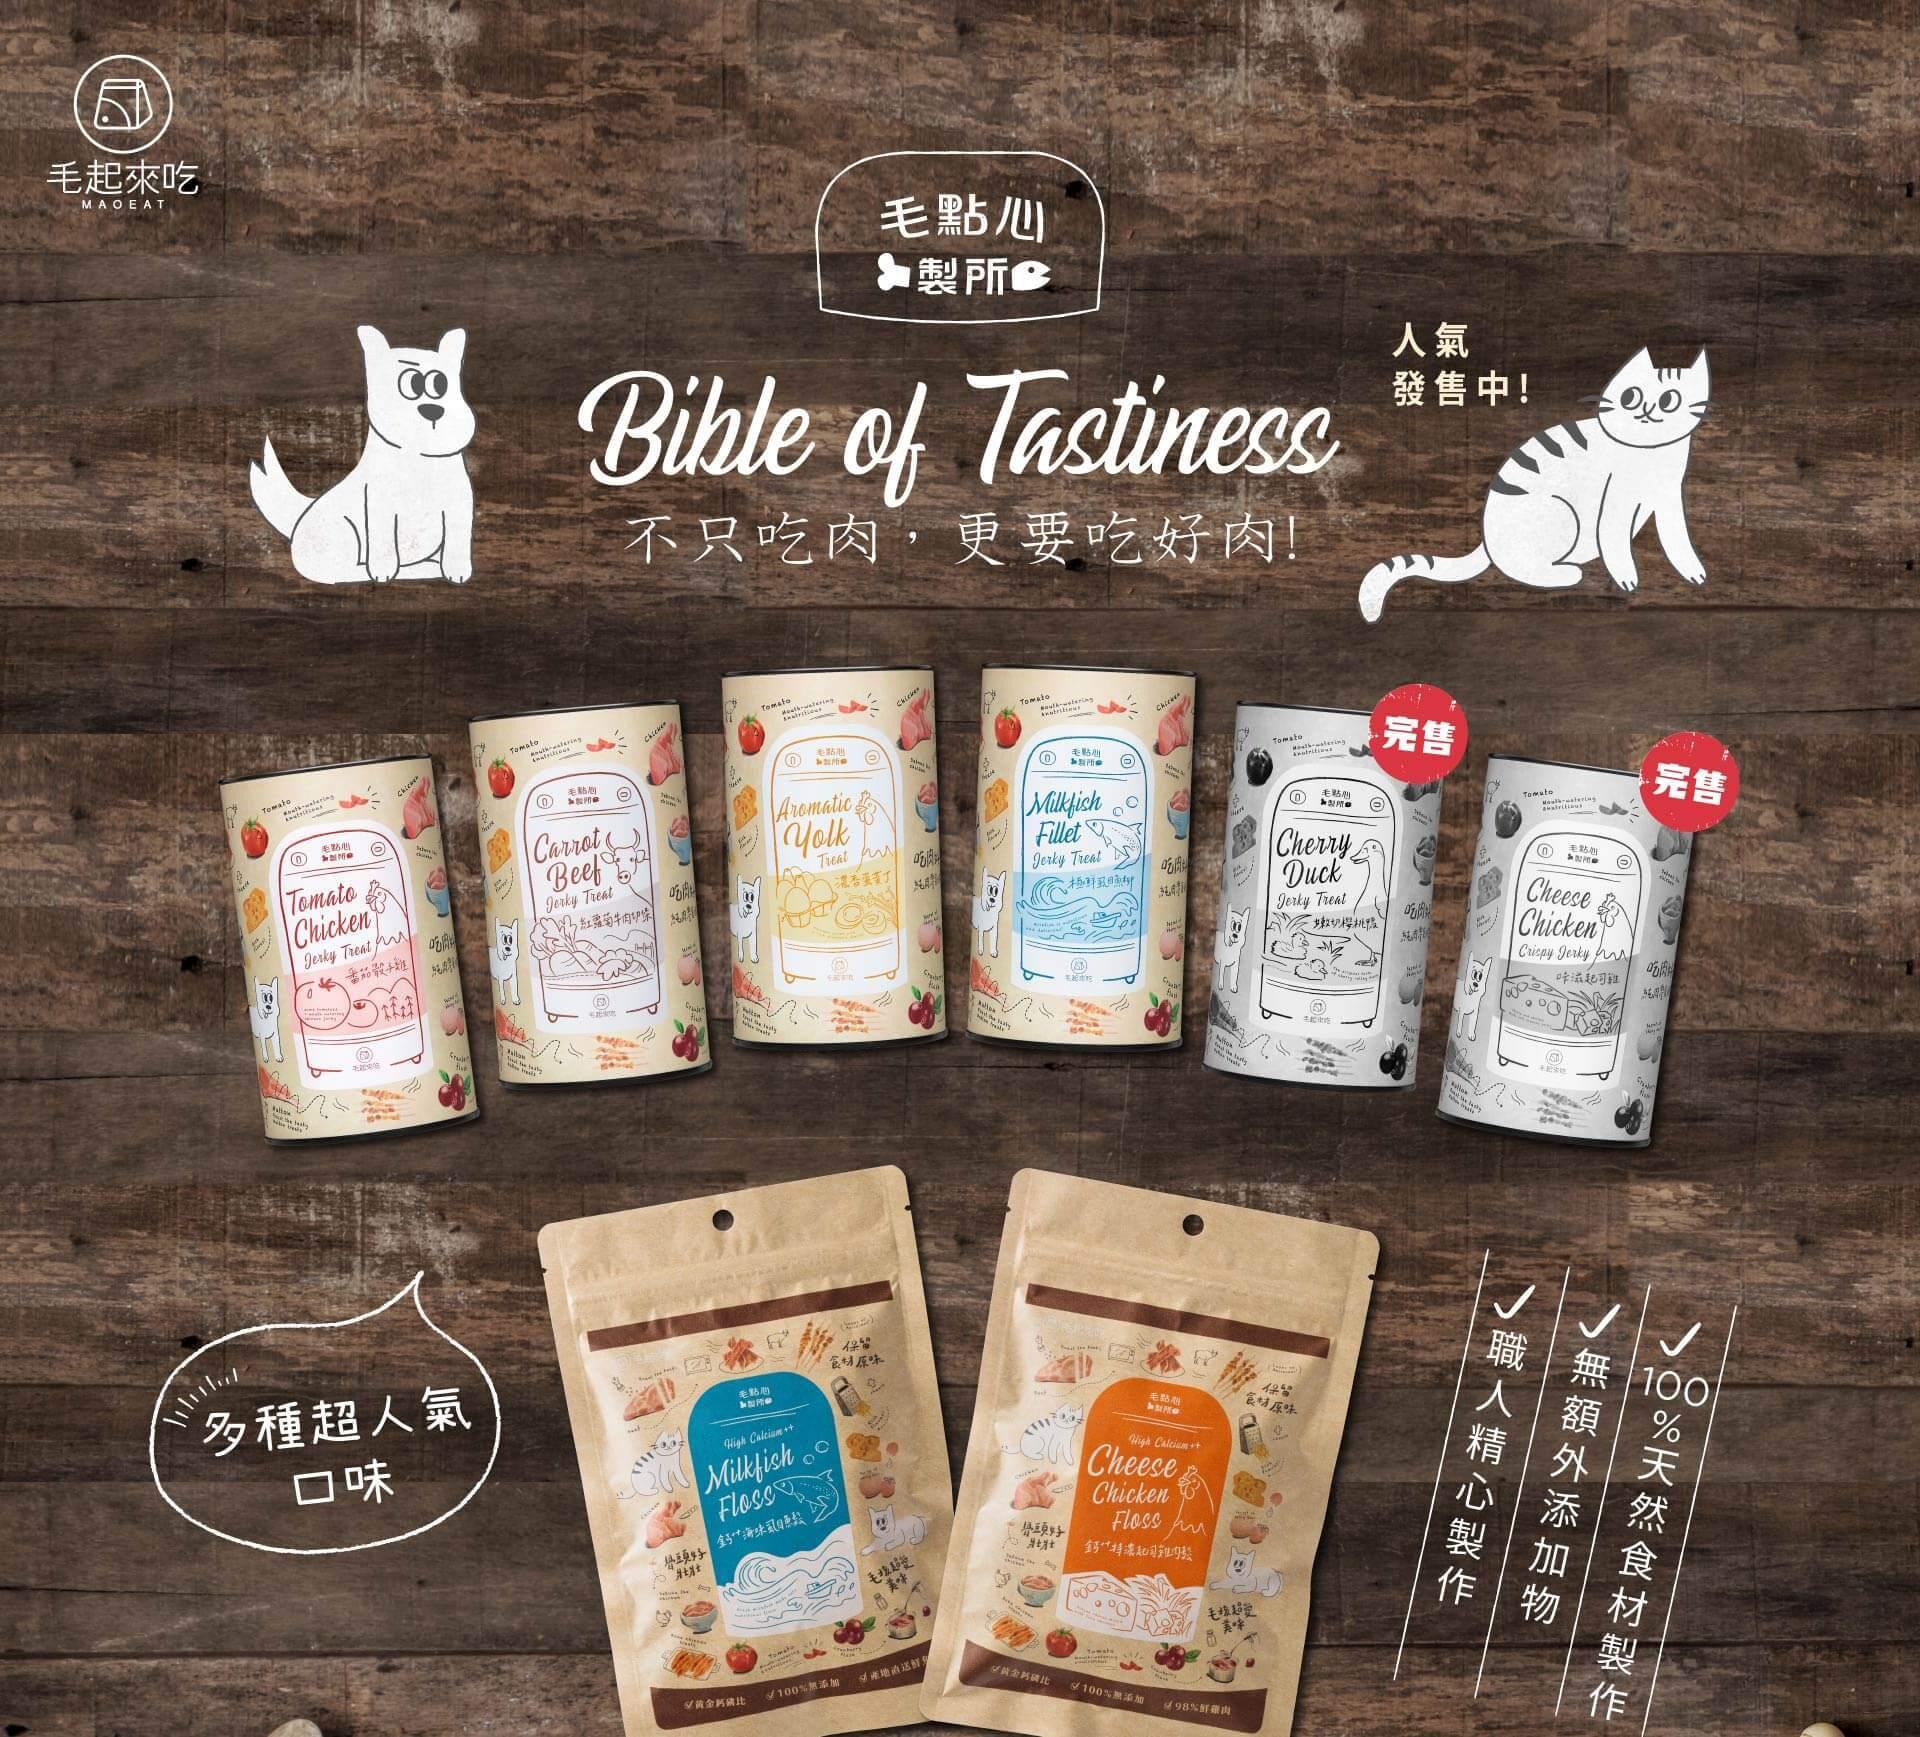 毛點心製所含多款犬貓肉乾、肉鬆選擇,人氣發售中,讓毛孩不只吃肉、更要吃好肉!